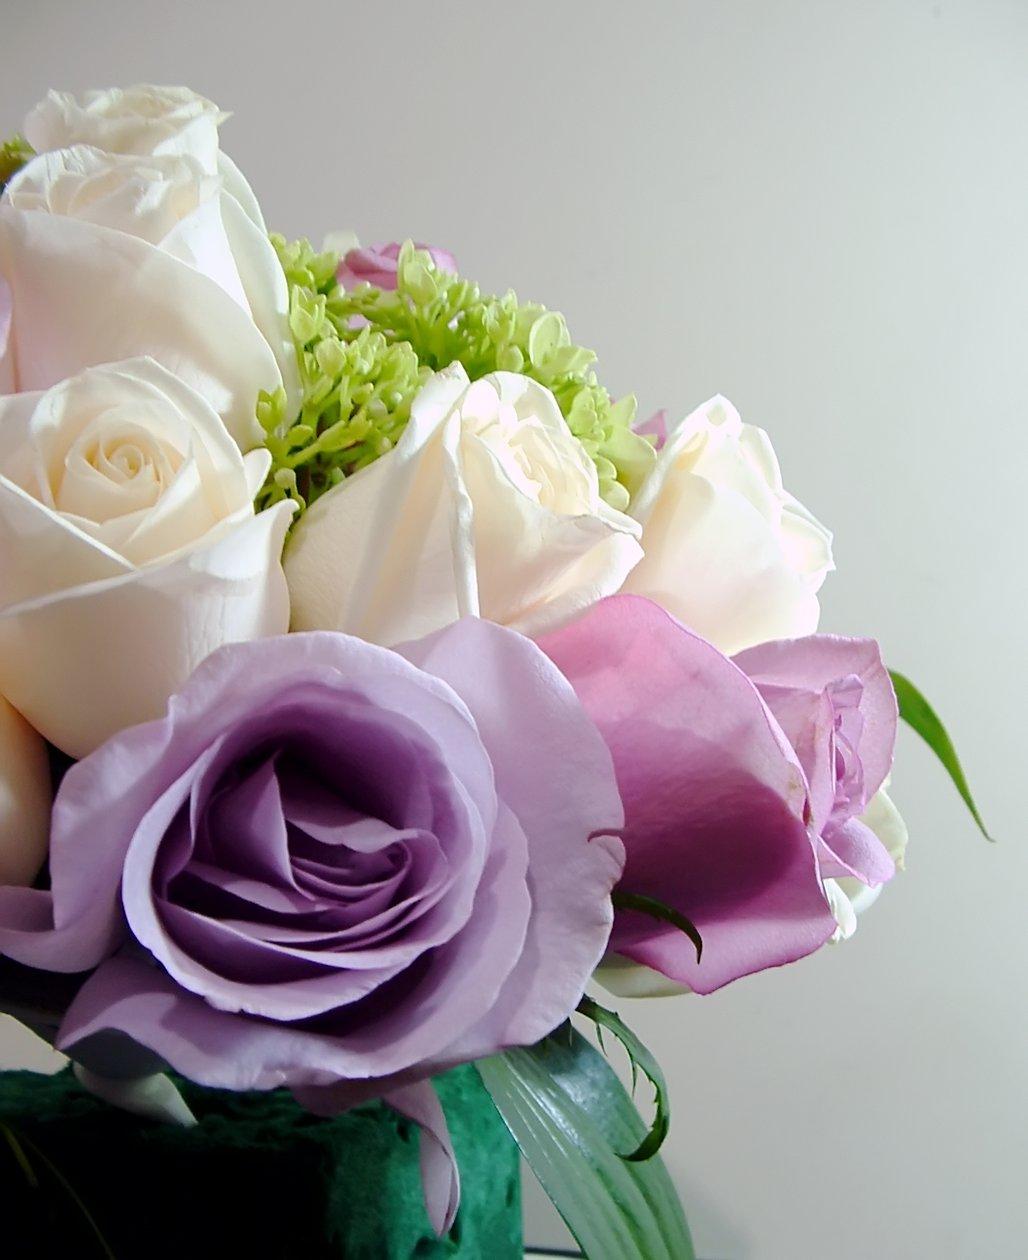 When to send a luxury flower arrangement